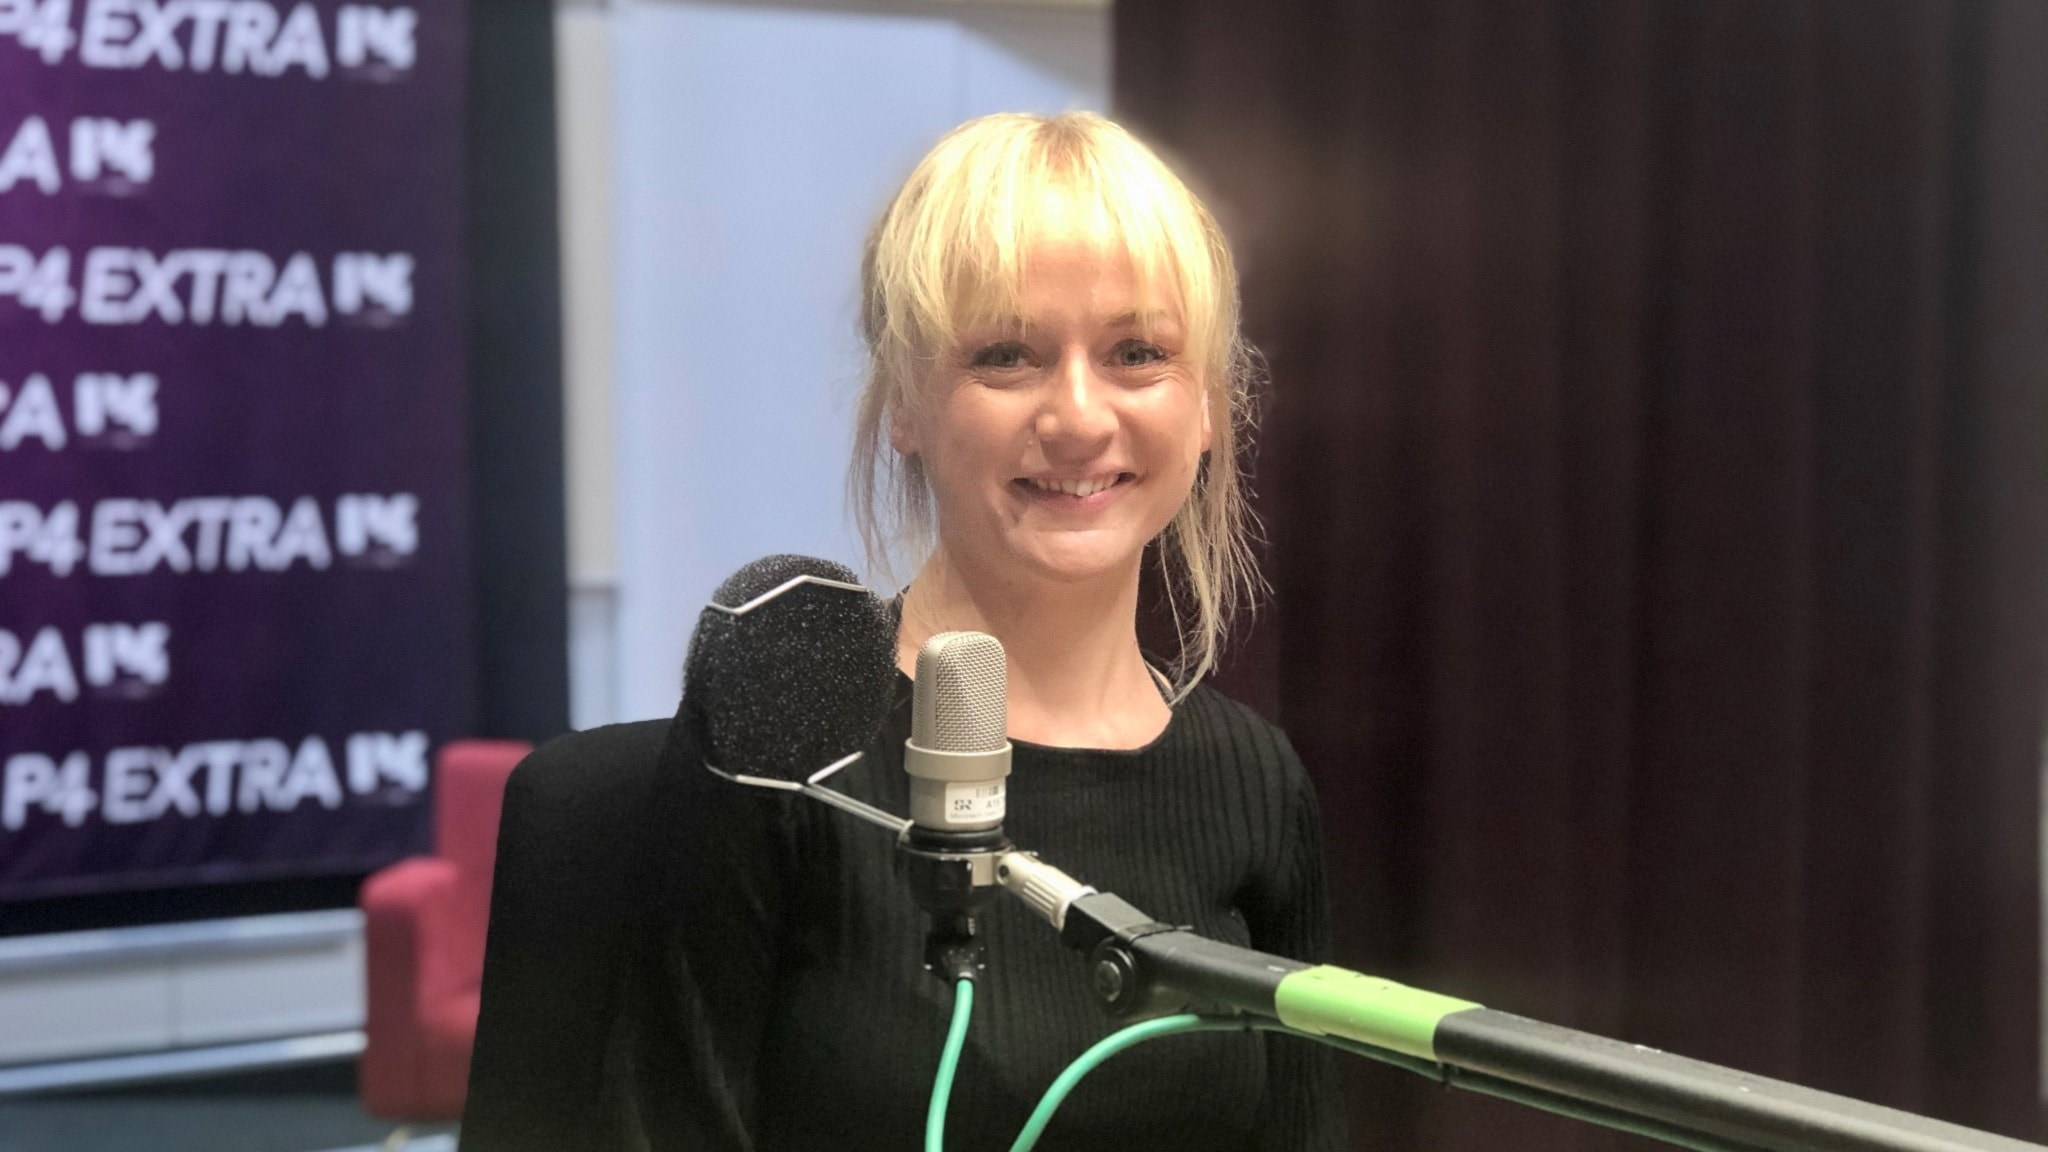 Anna Bergendahl: Jag vill jobba med att rädda liv